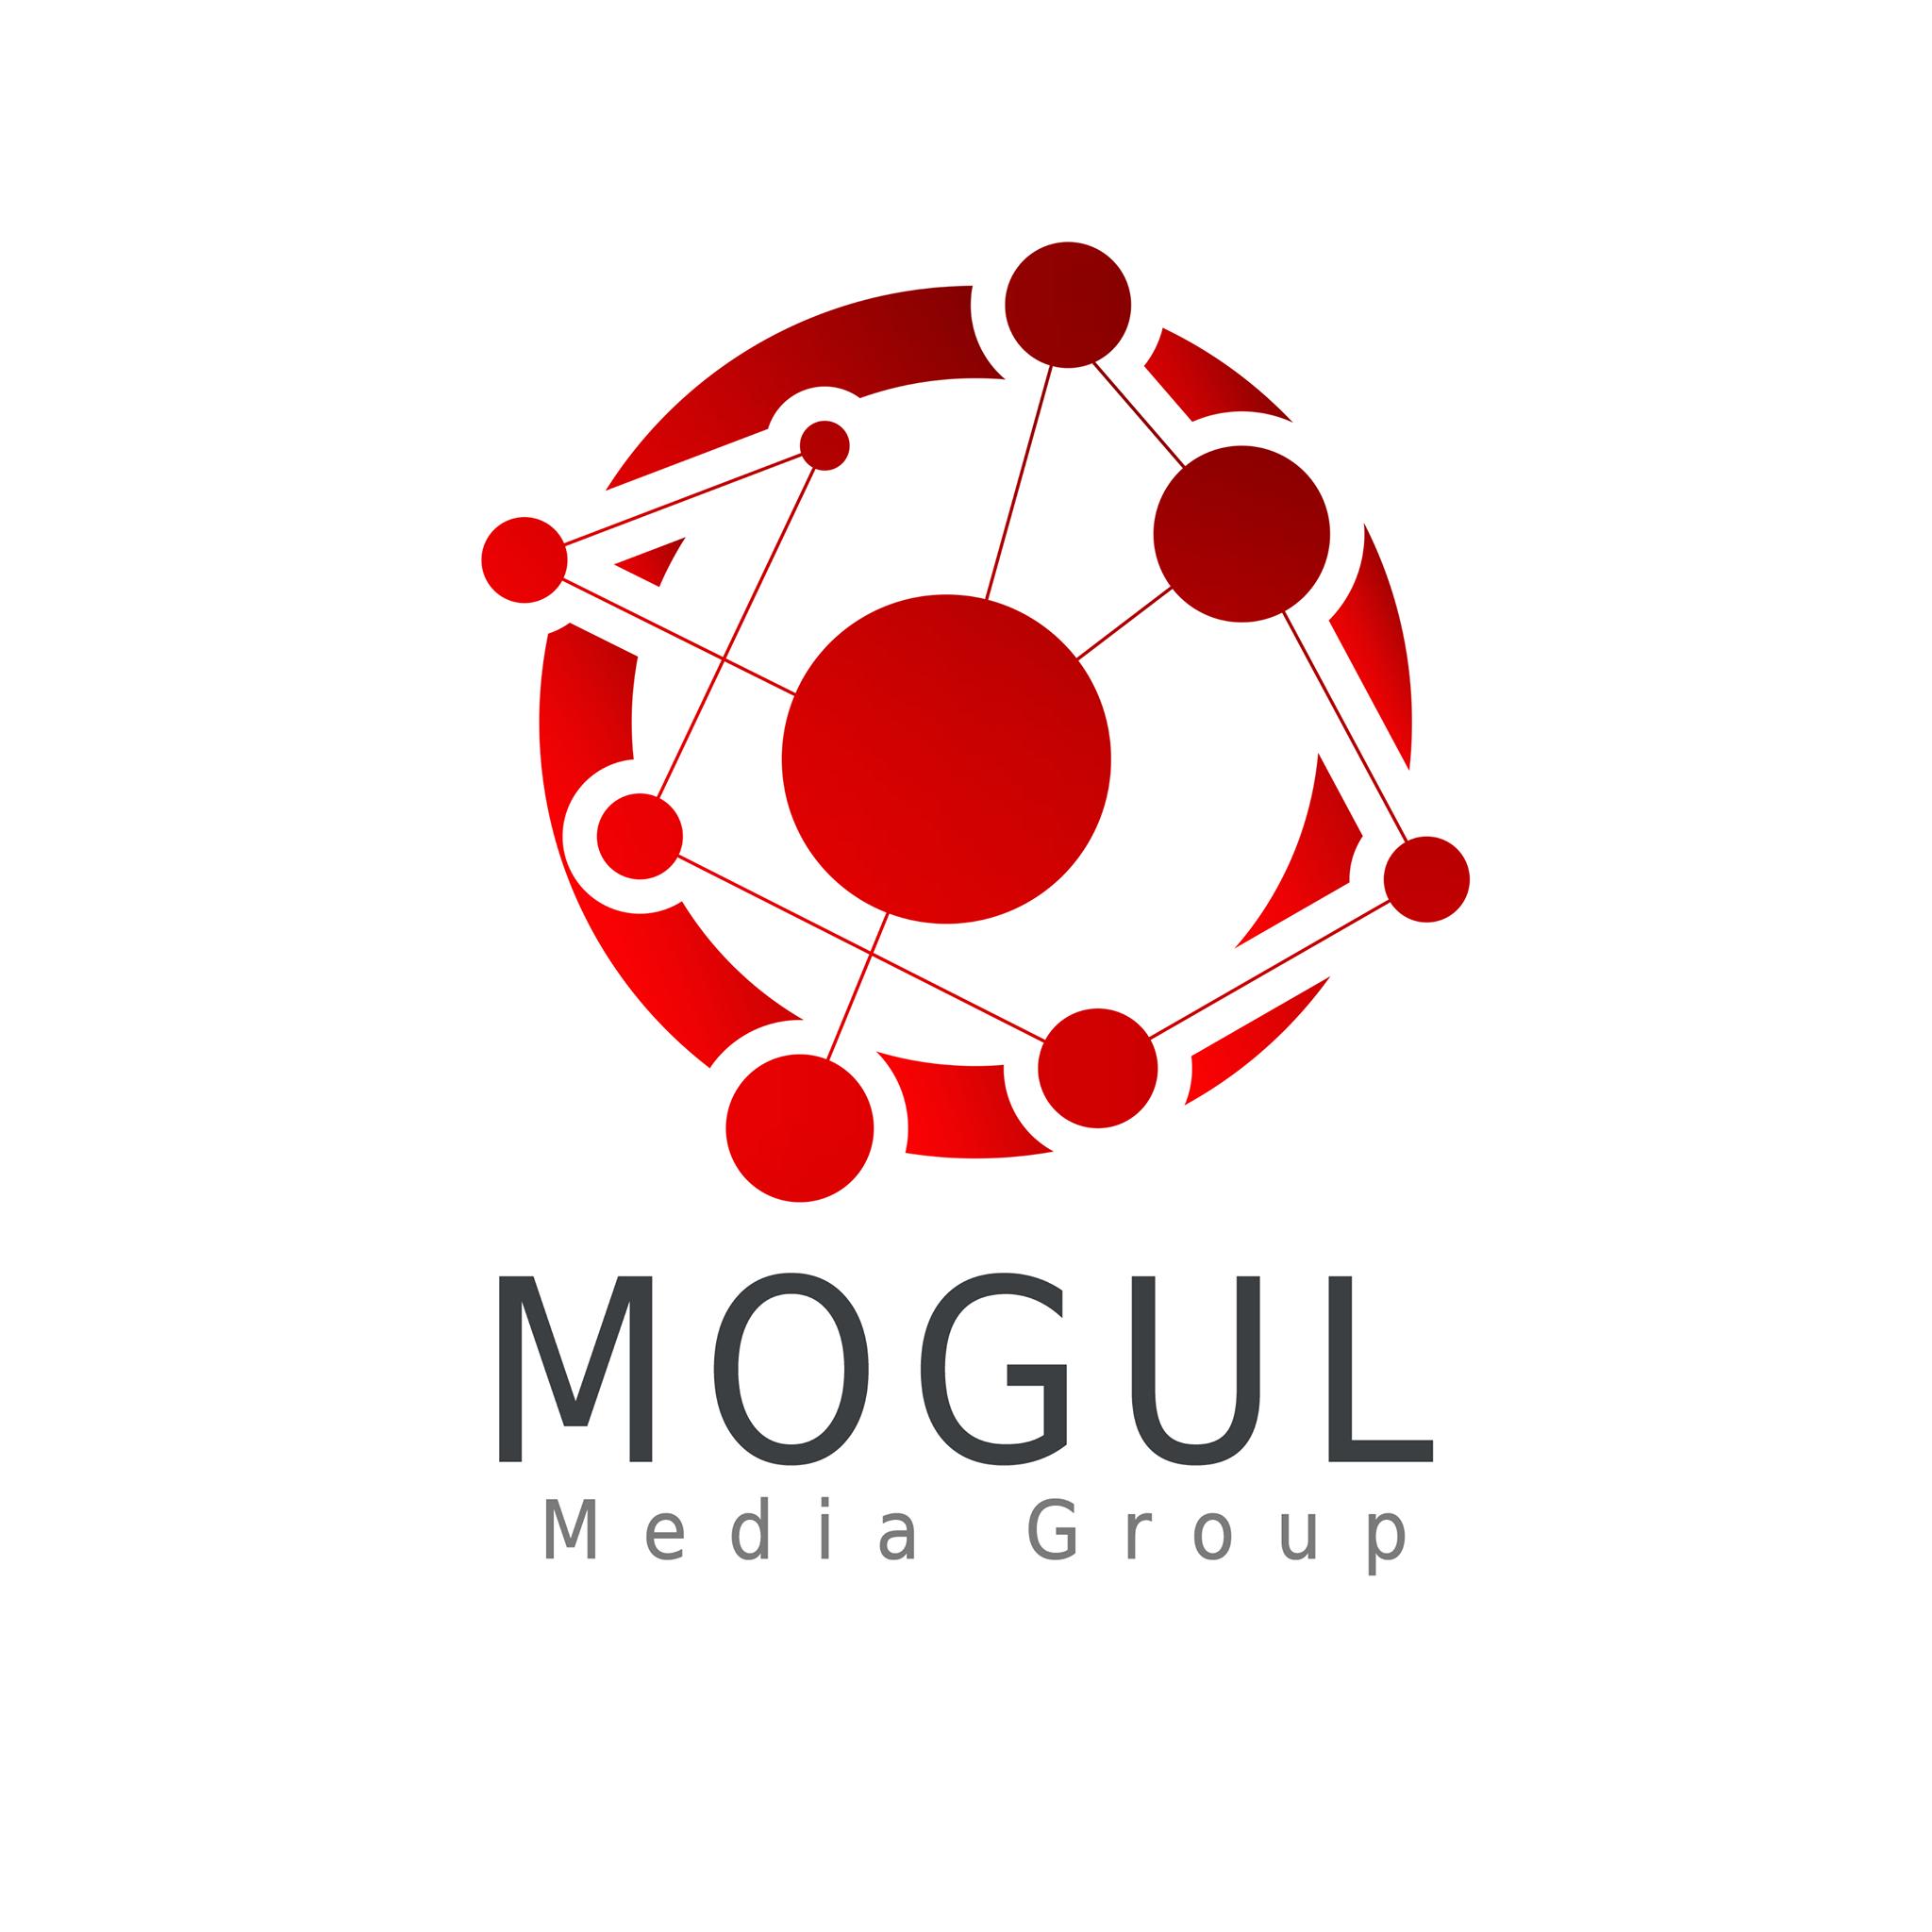 Mogul Digital Media